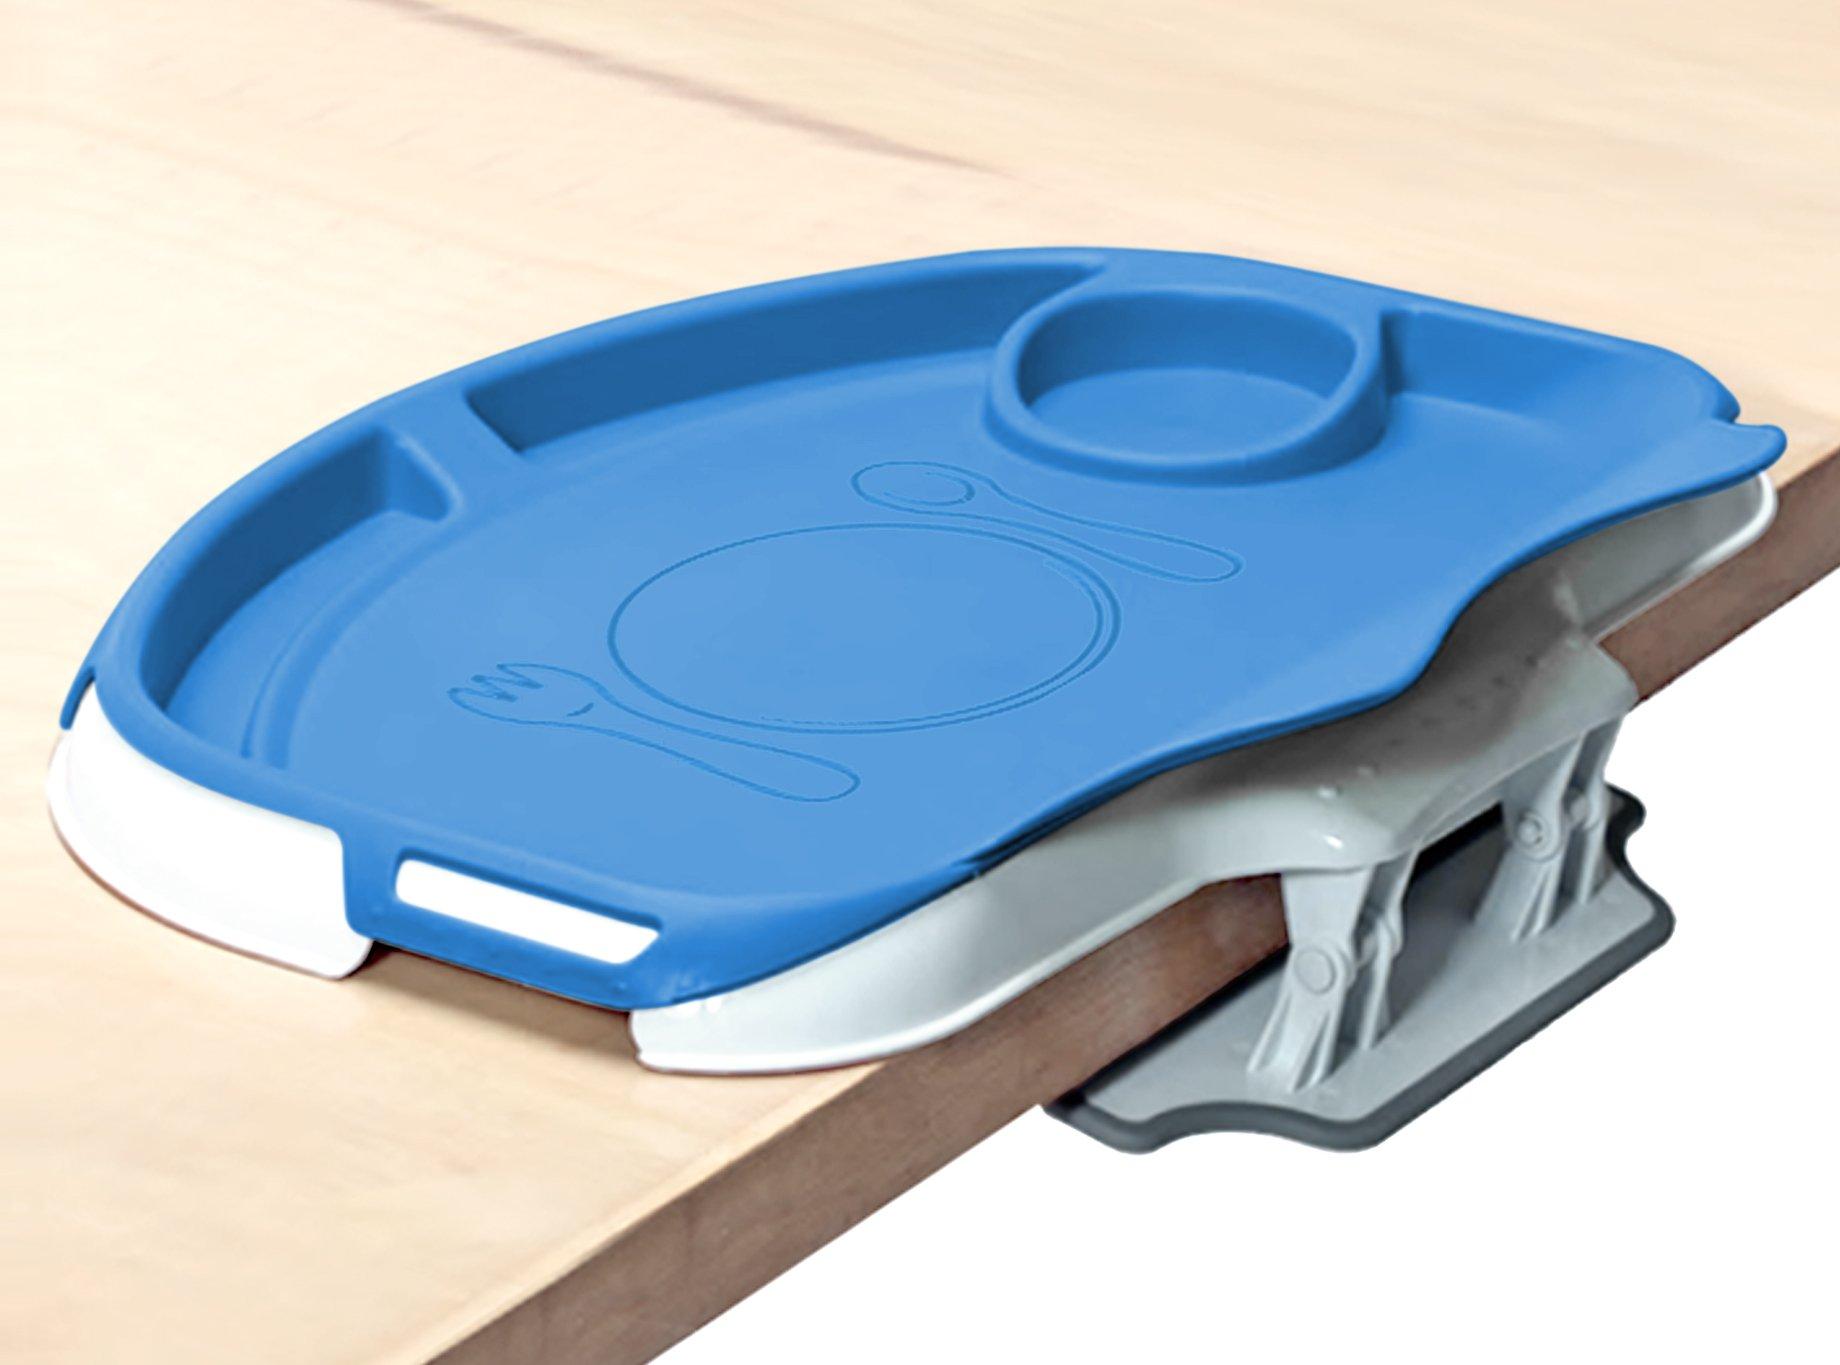 Bambinos Tidy Table Tray, Blue by Bambinos